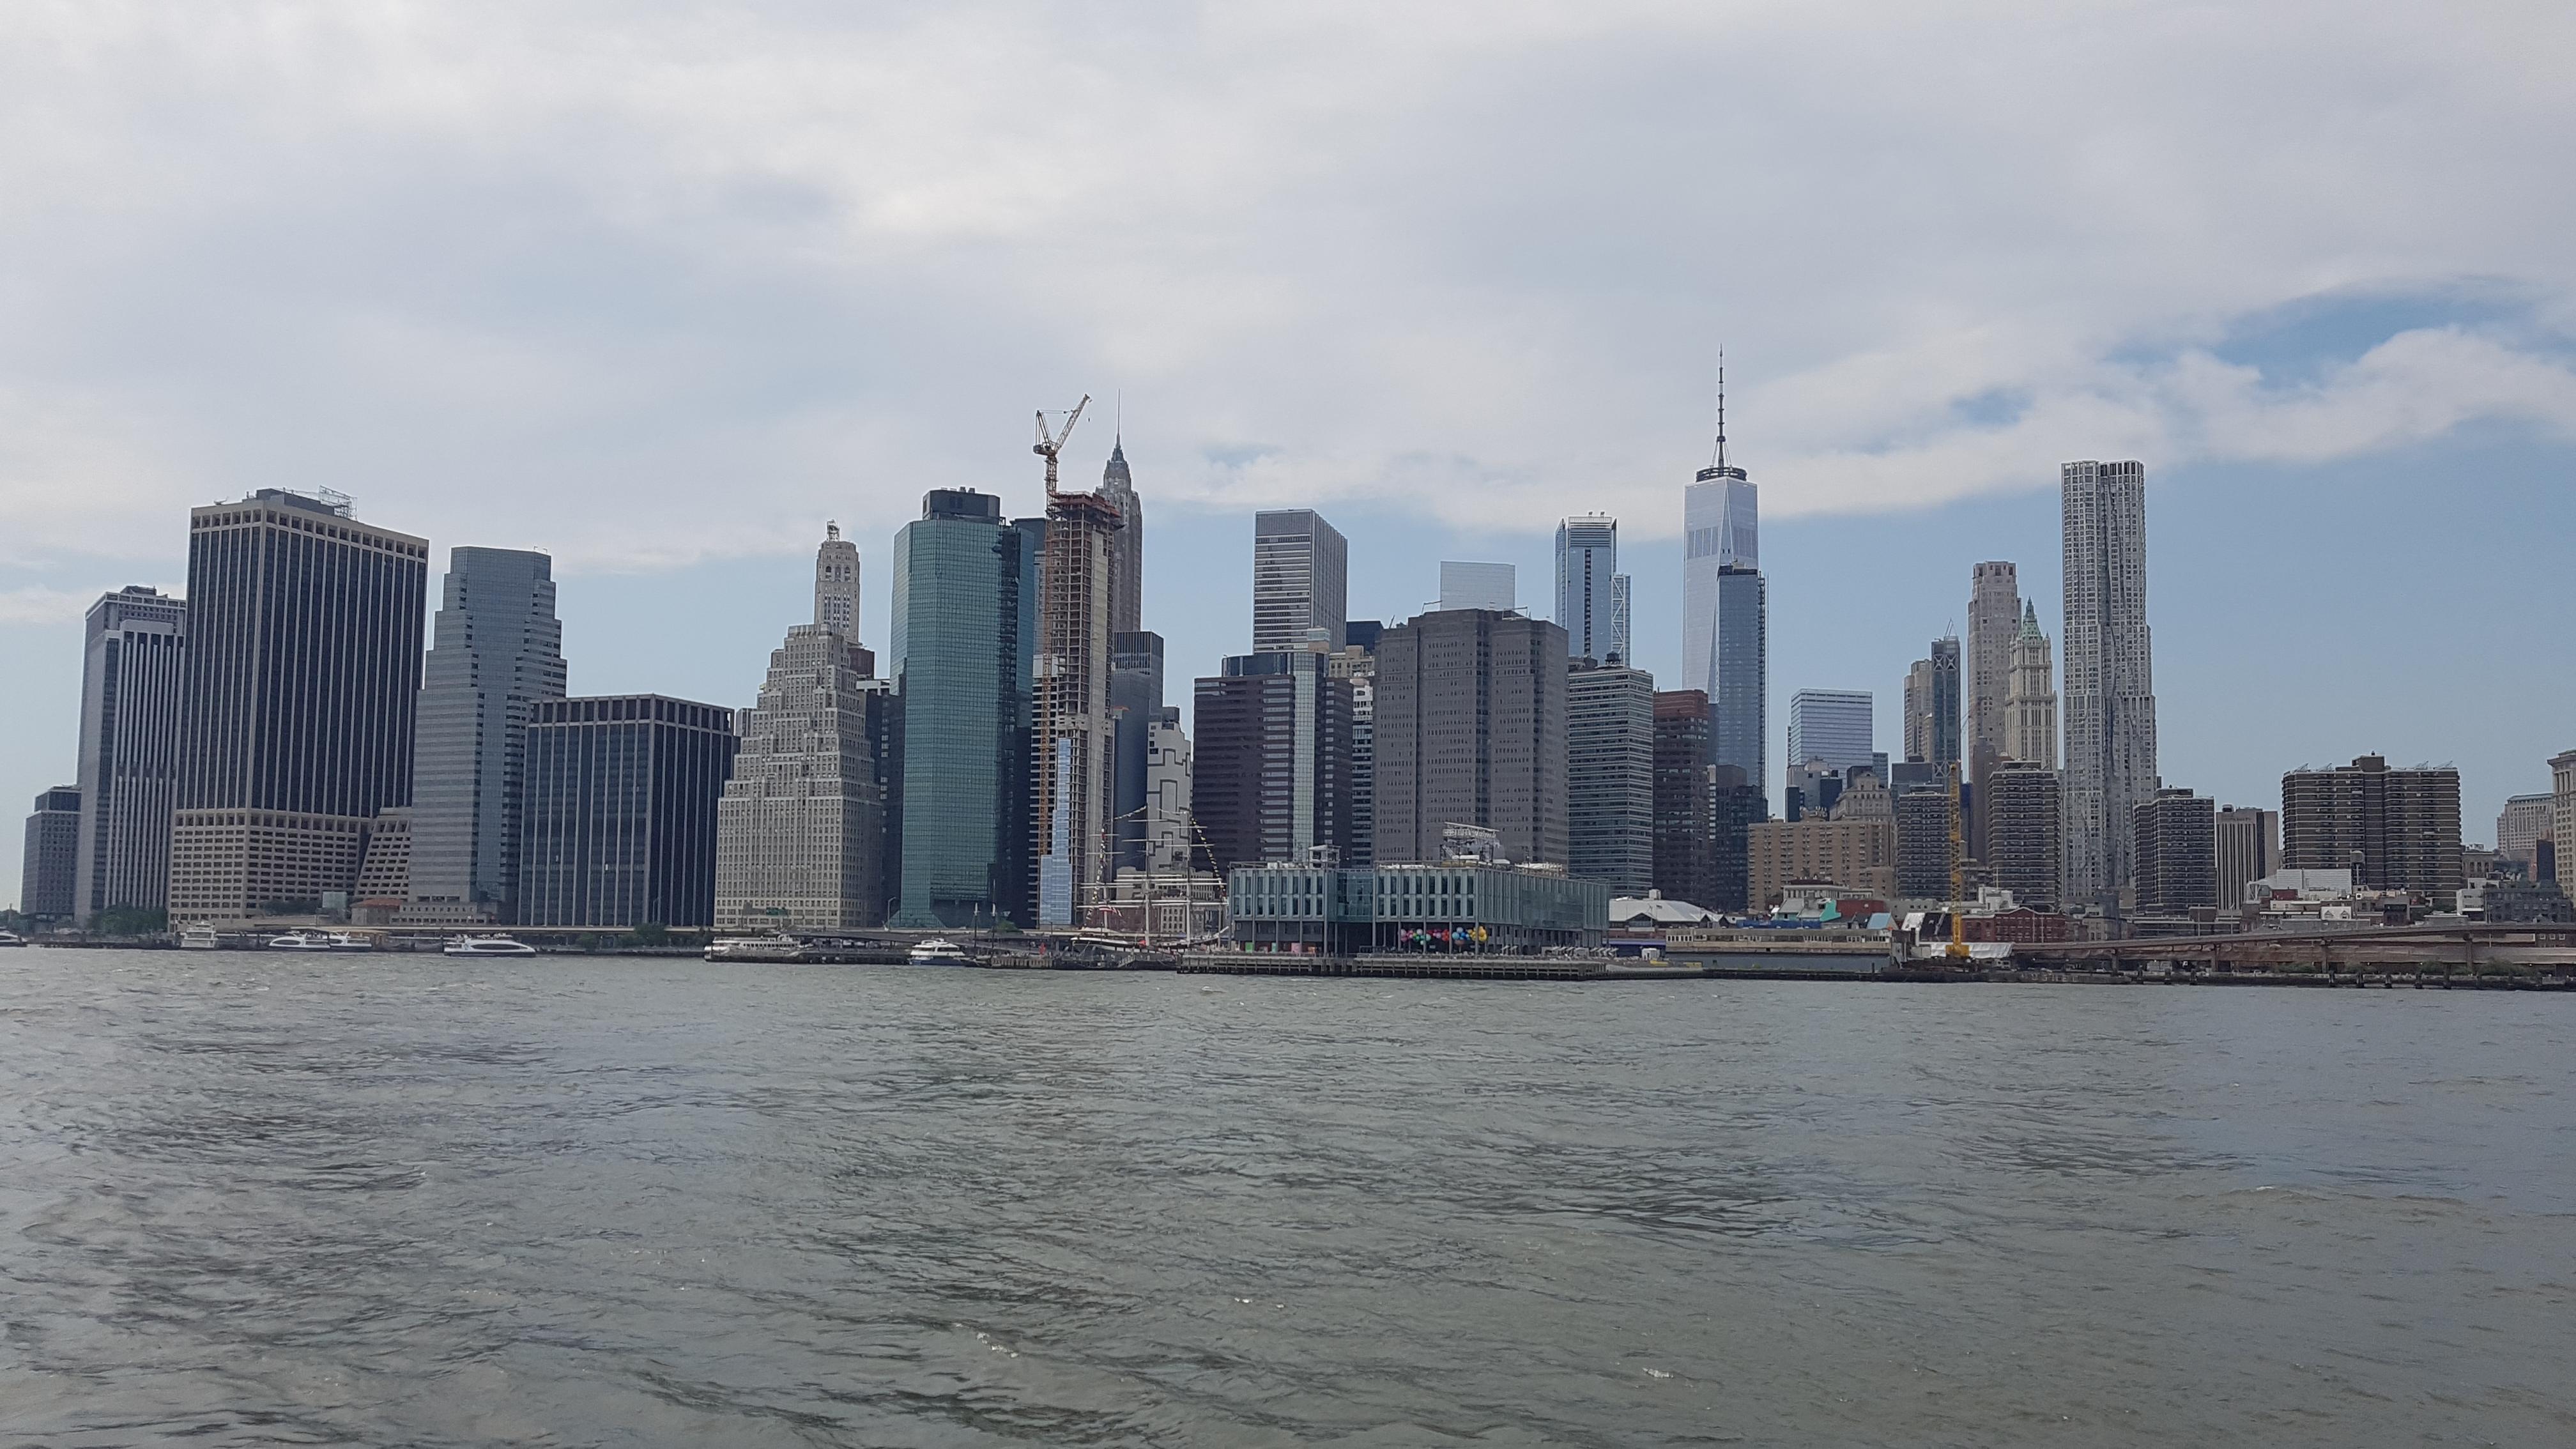 Carnet de voyage: New-York City (épisode 1)